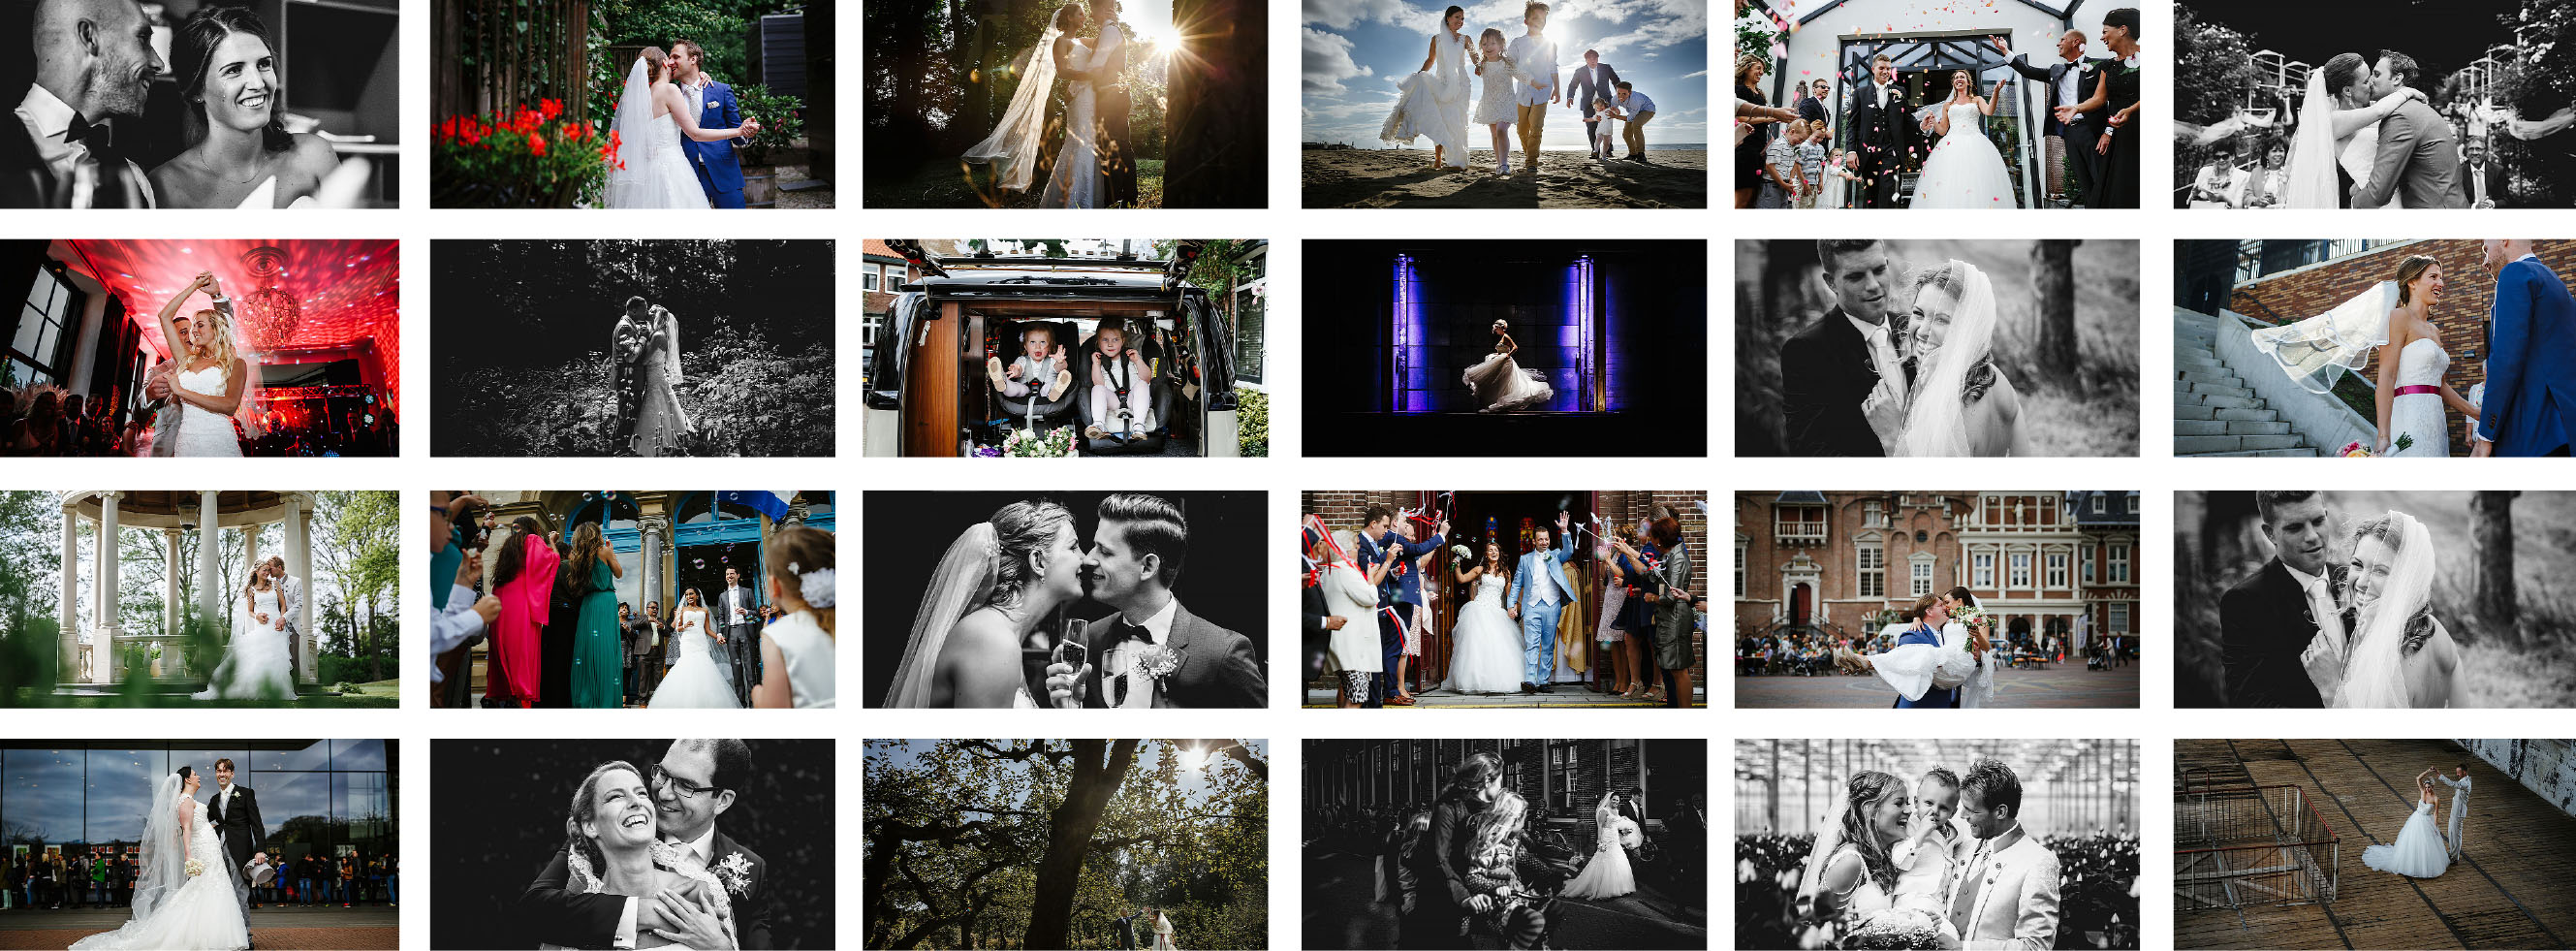 Bruiloften 2015